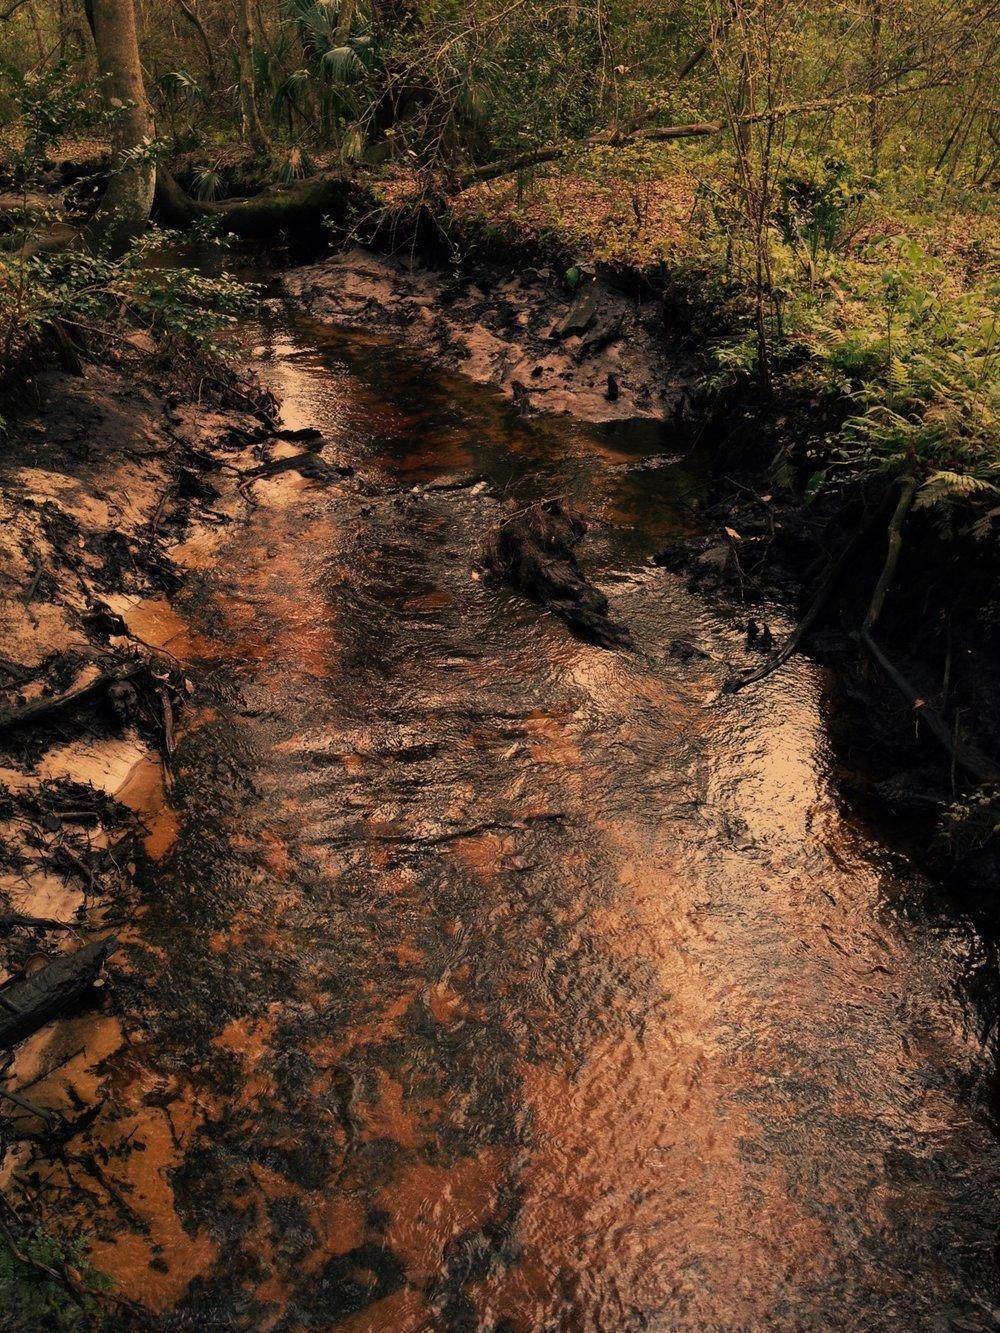 Copper leaf stream